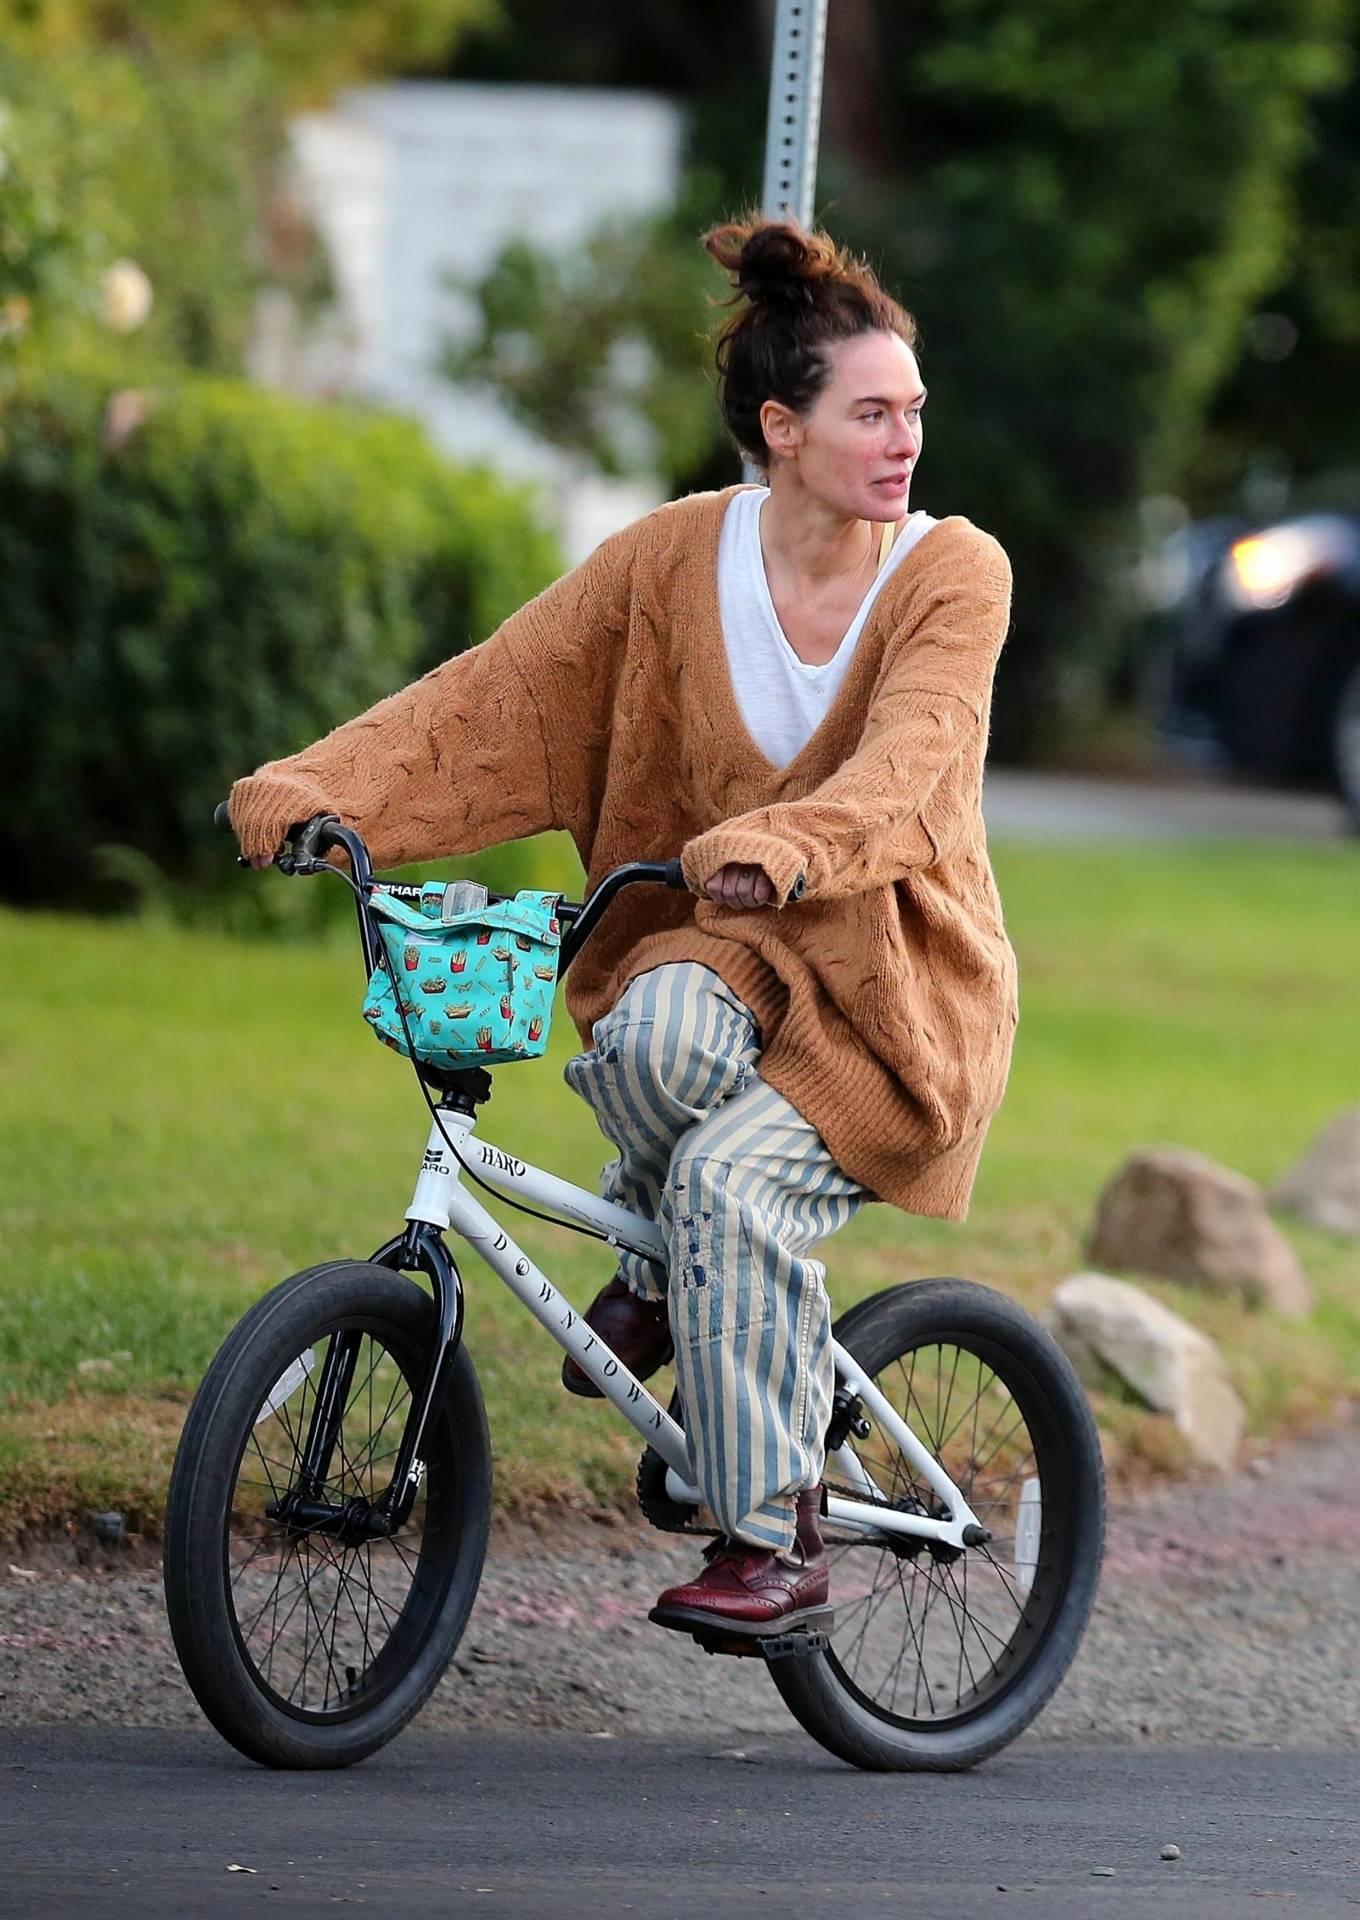 Lena Headey 2020 : Lena Headey – Riding a bicycle in Los Angeles-09